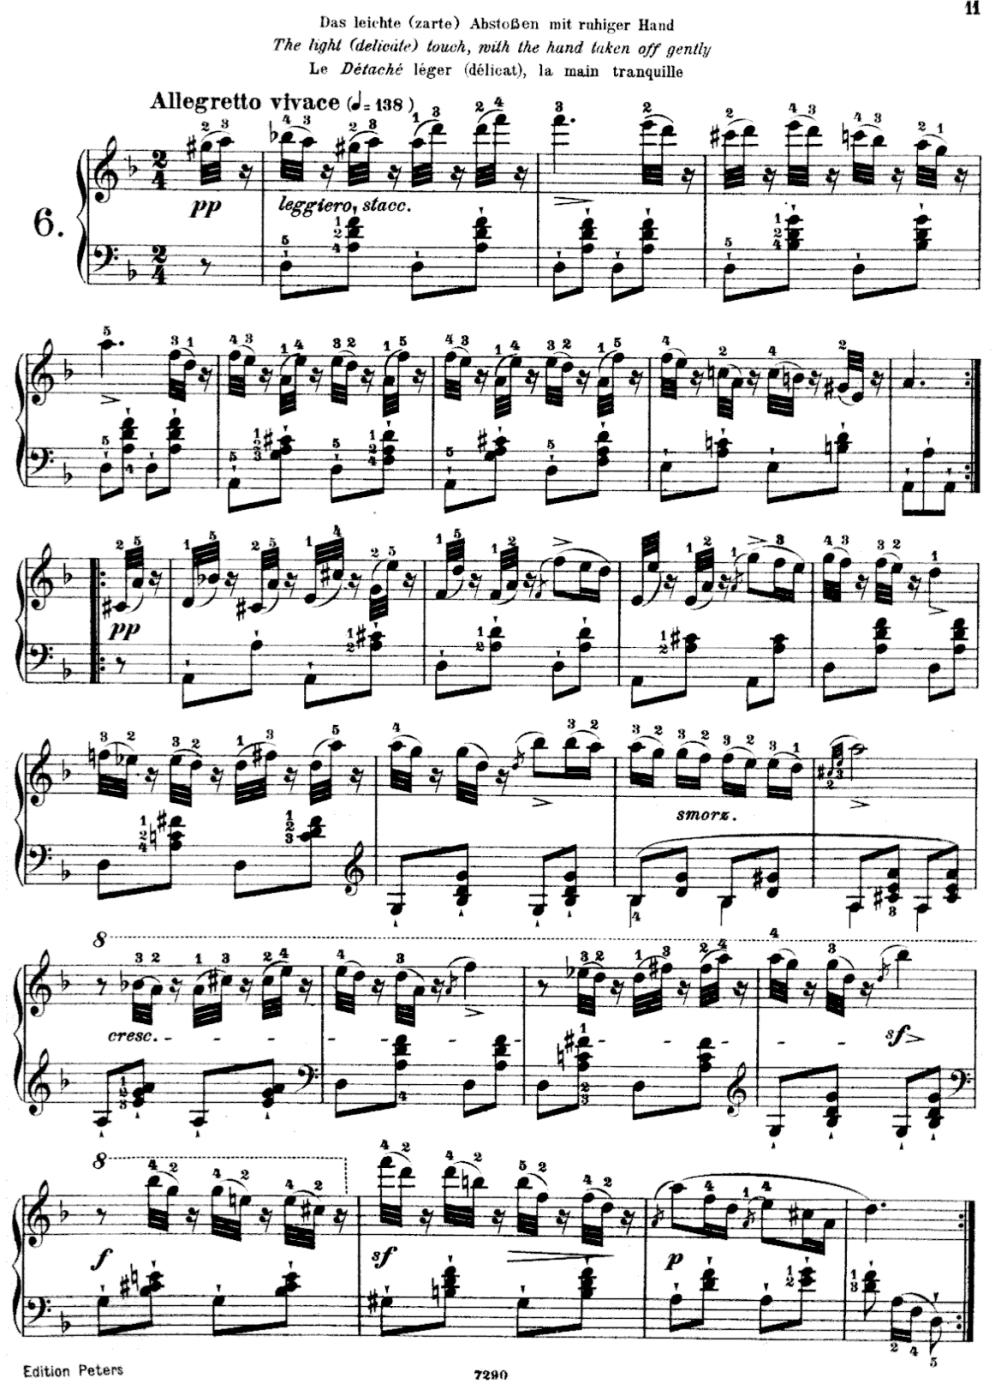 Czerny D minor